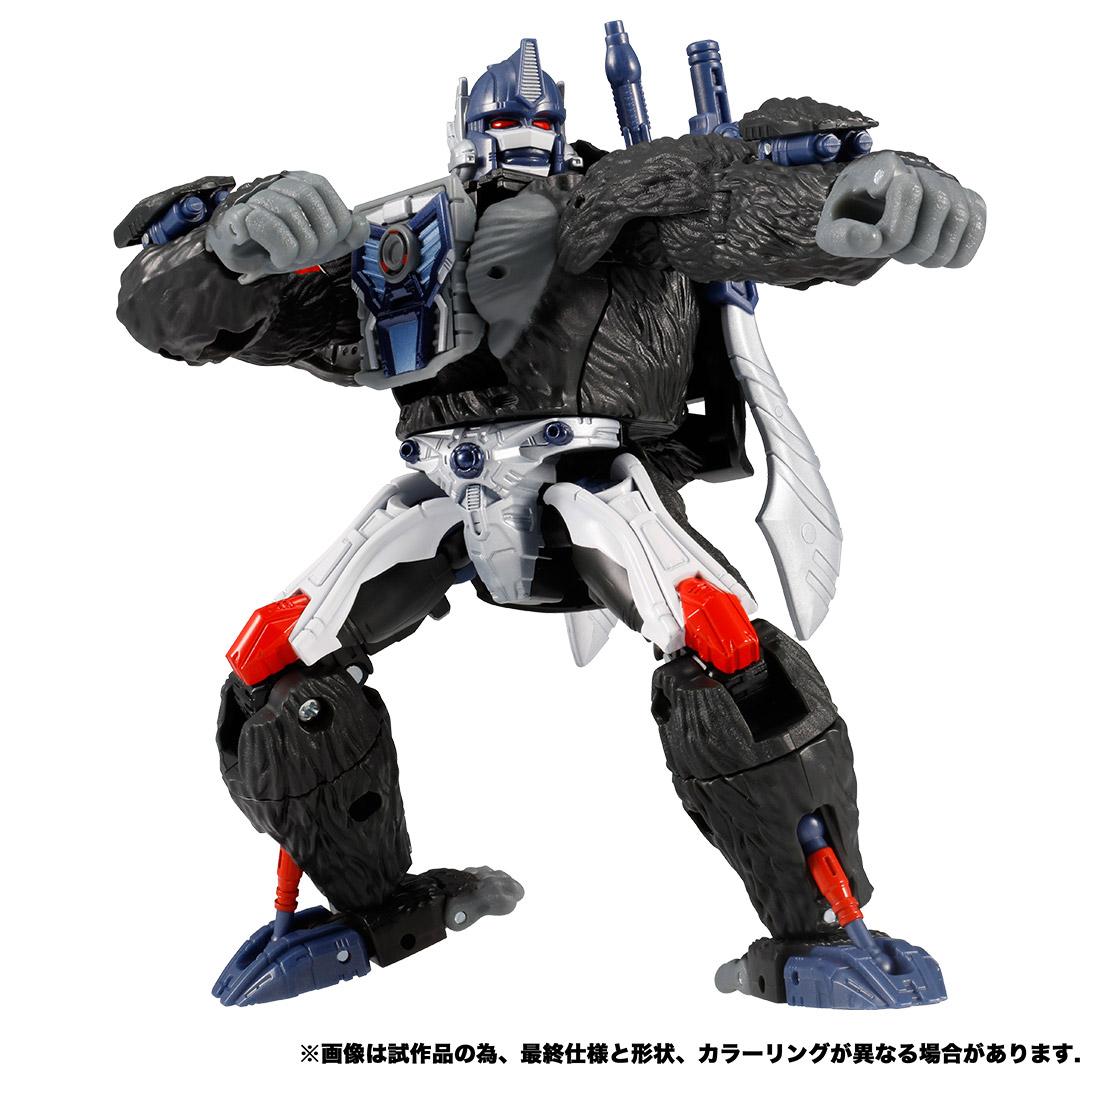 トランスフォーマー キングダム『KD-01 オプティマスプライマル』ビーストウォーズ 可変可動フィギュア-003